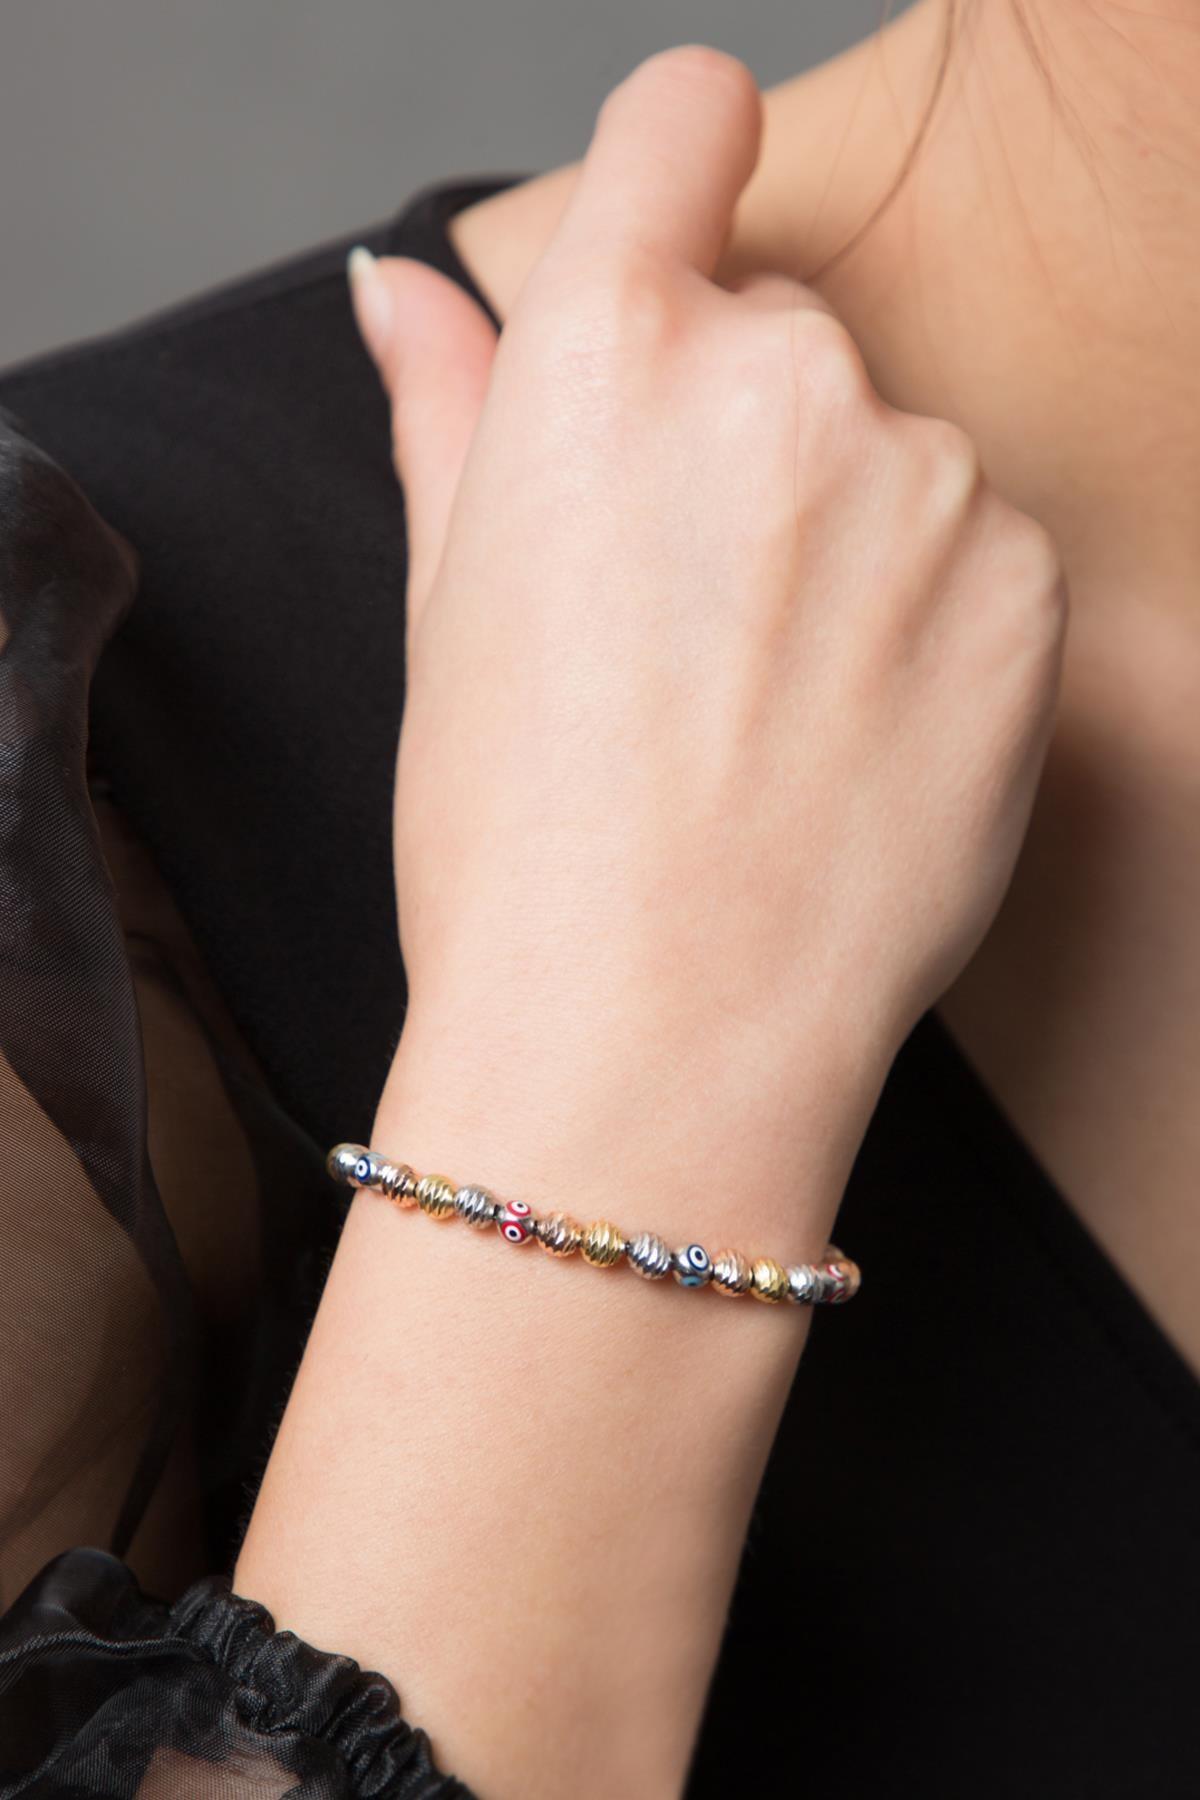 Elika Silver Kadın Nazar Boncuklu 3 Renkli  Dorika Karışık 925 Ayar Gümüş Bileklik 1